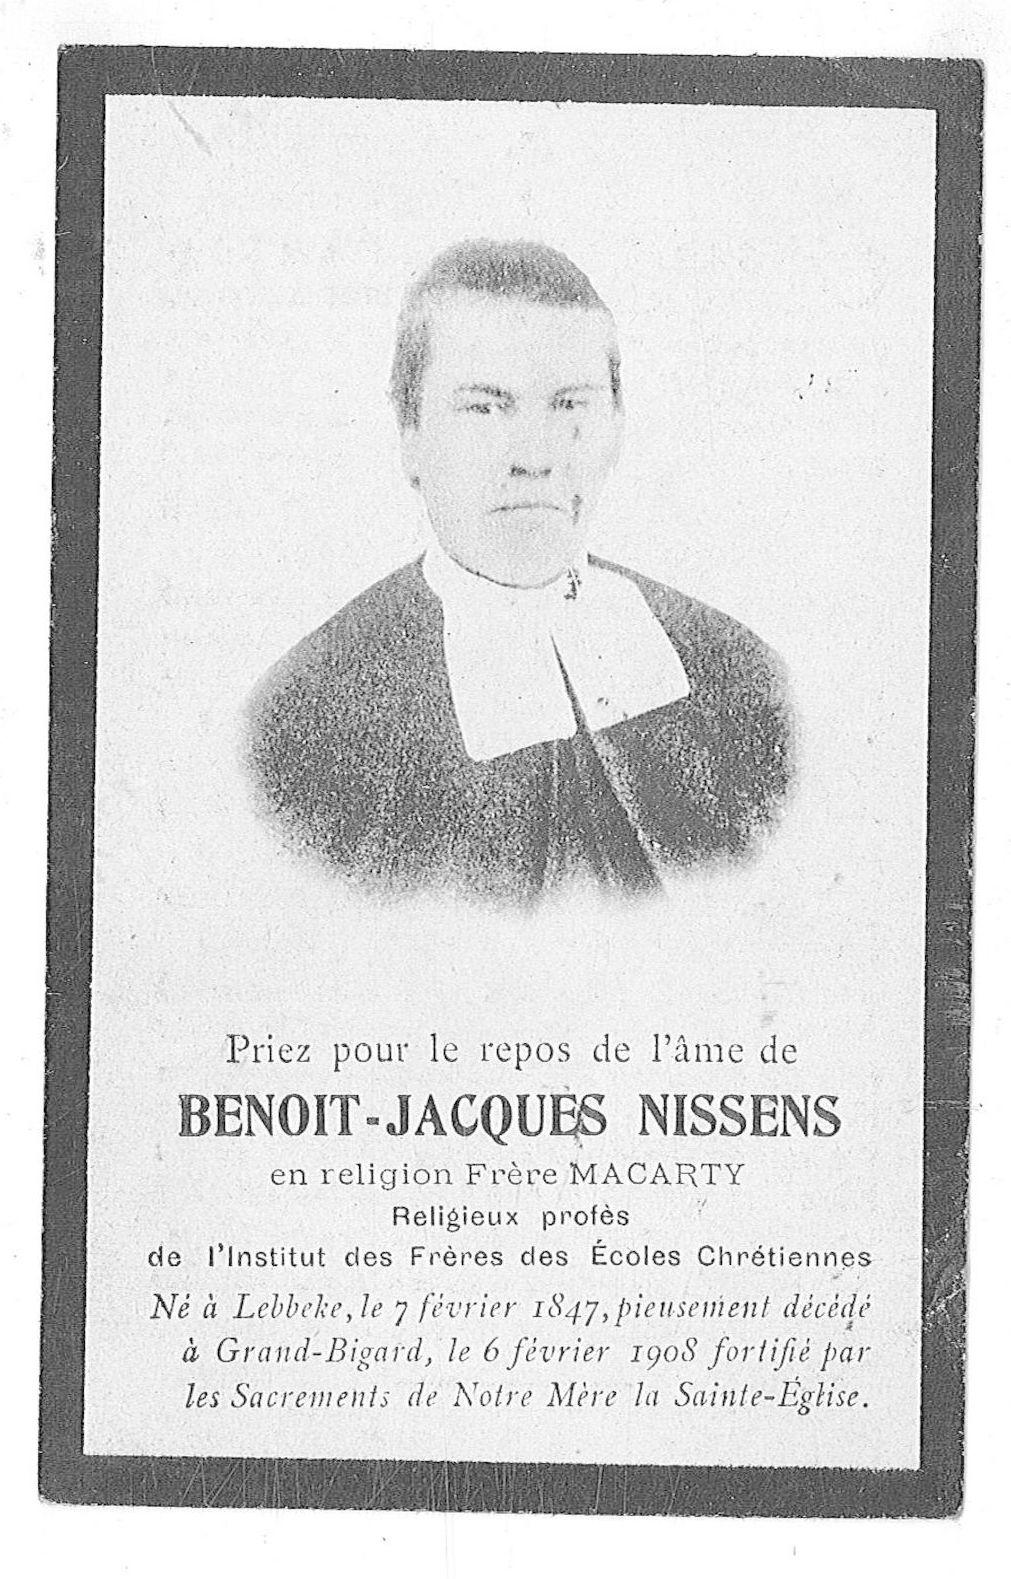 Benoit-Jacques Nissens